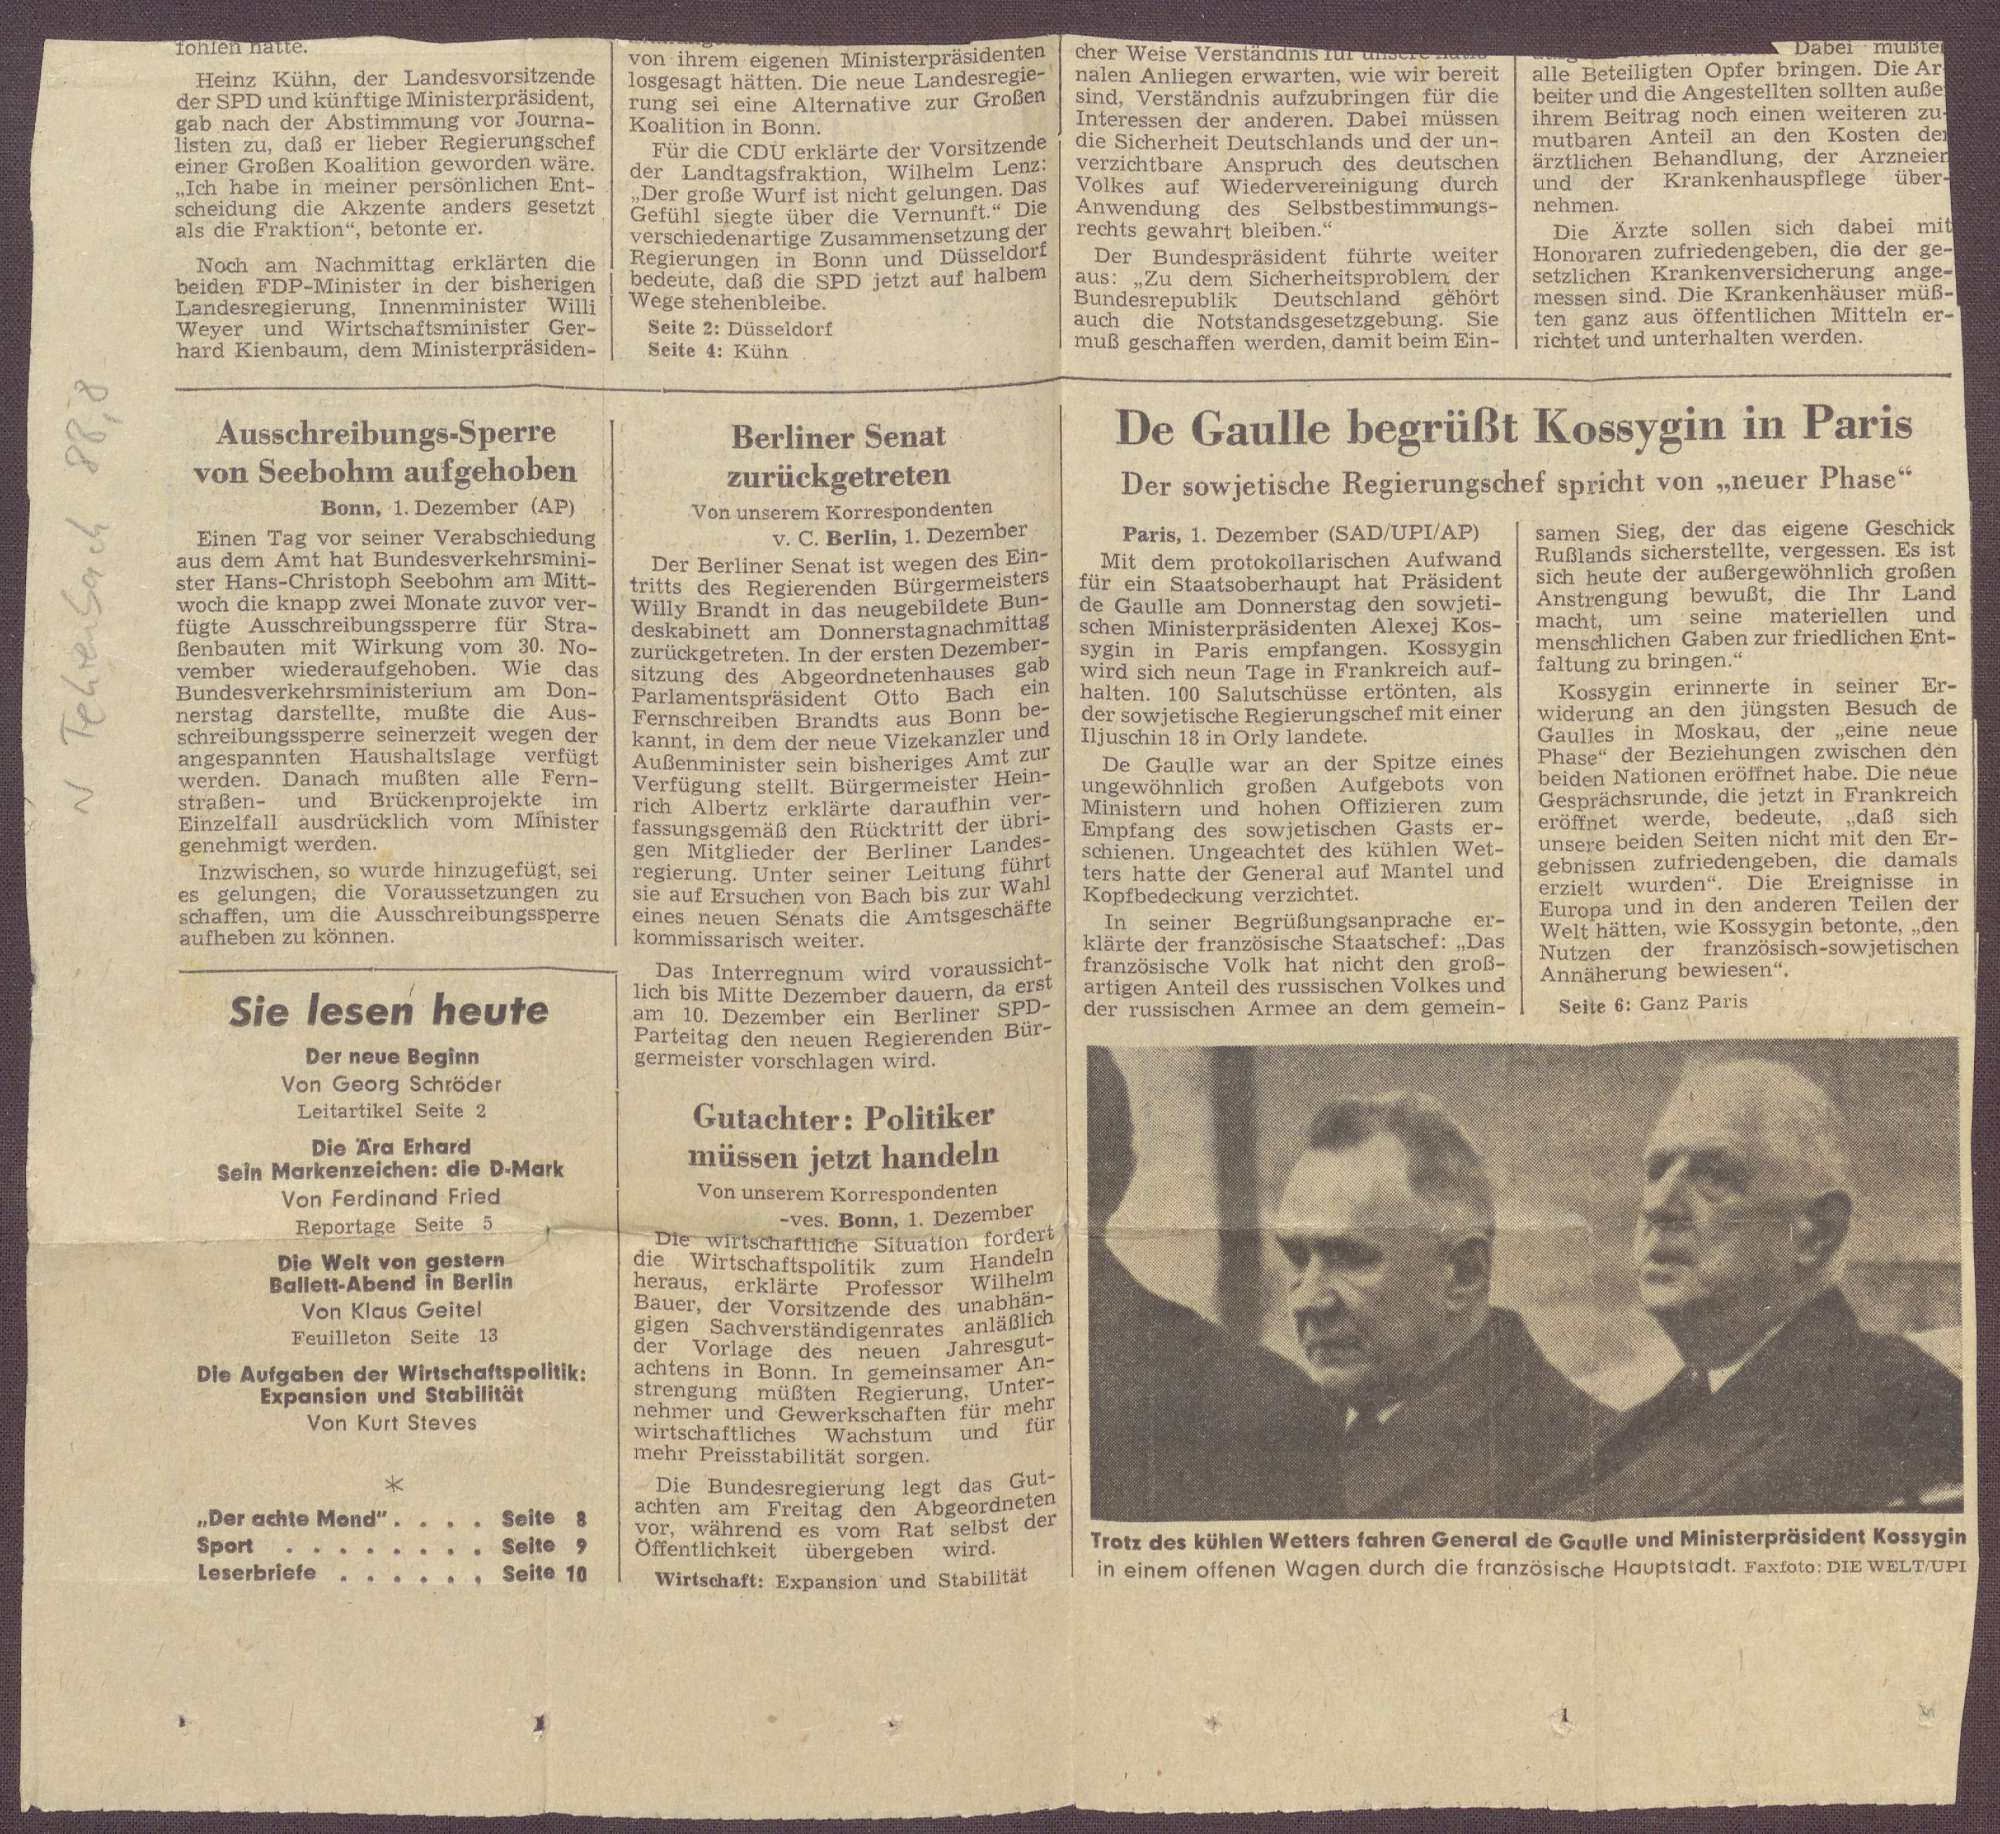 Ausschnitt aus einer unbekannten Zeitung, Bild 2